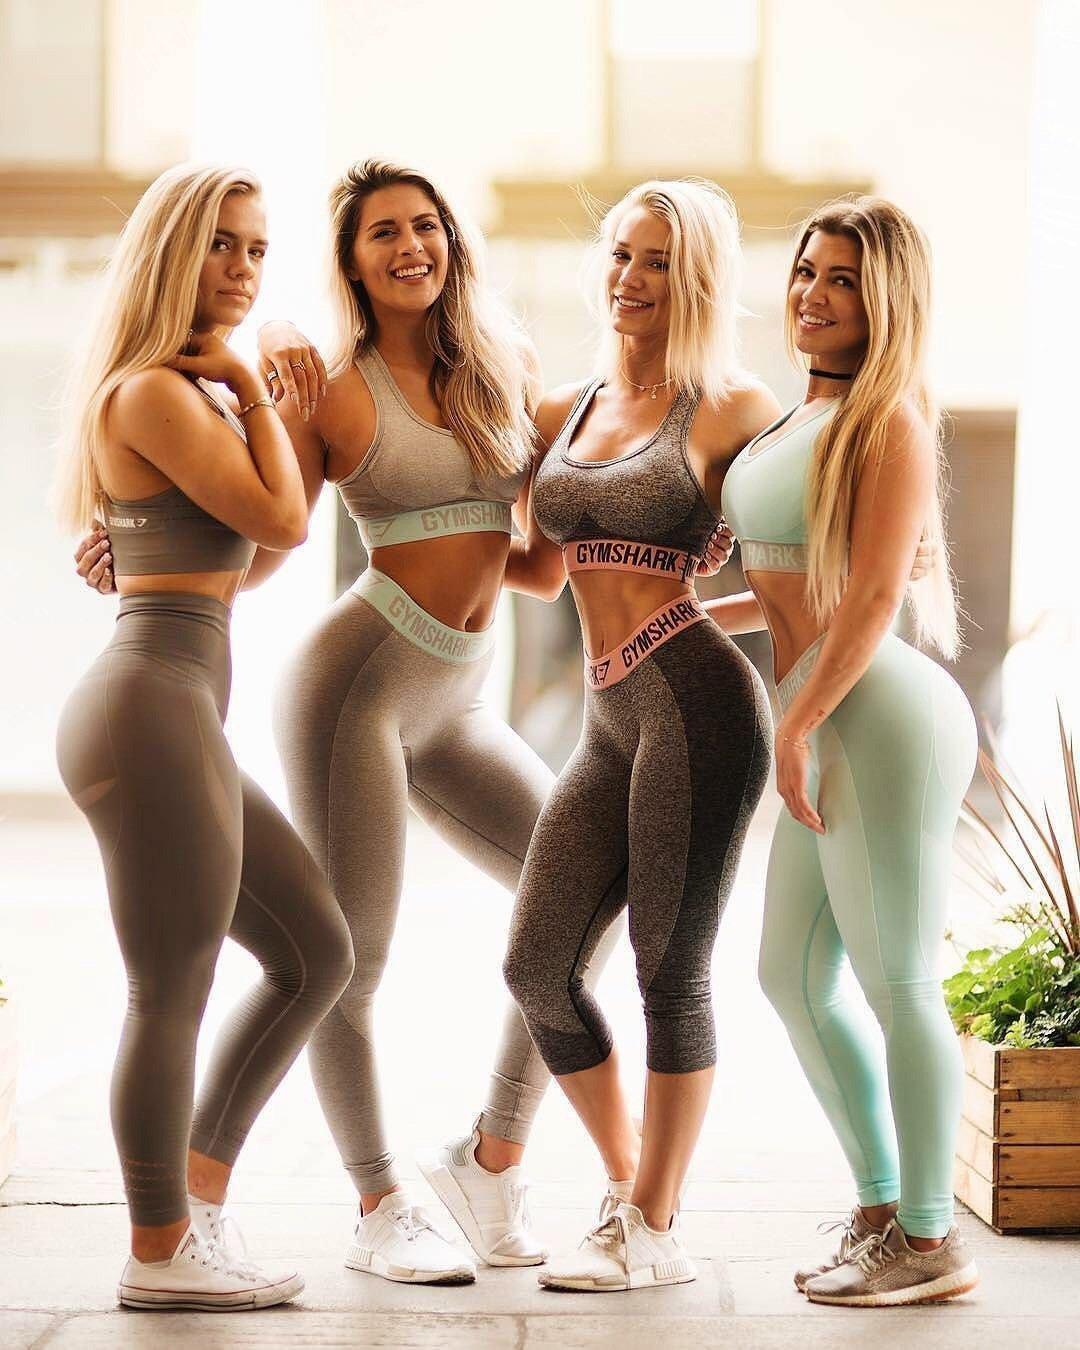 Hot Girls Vr